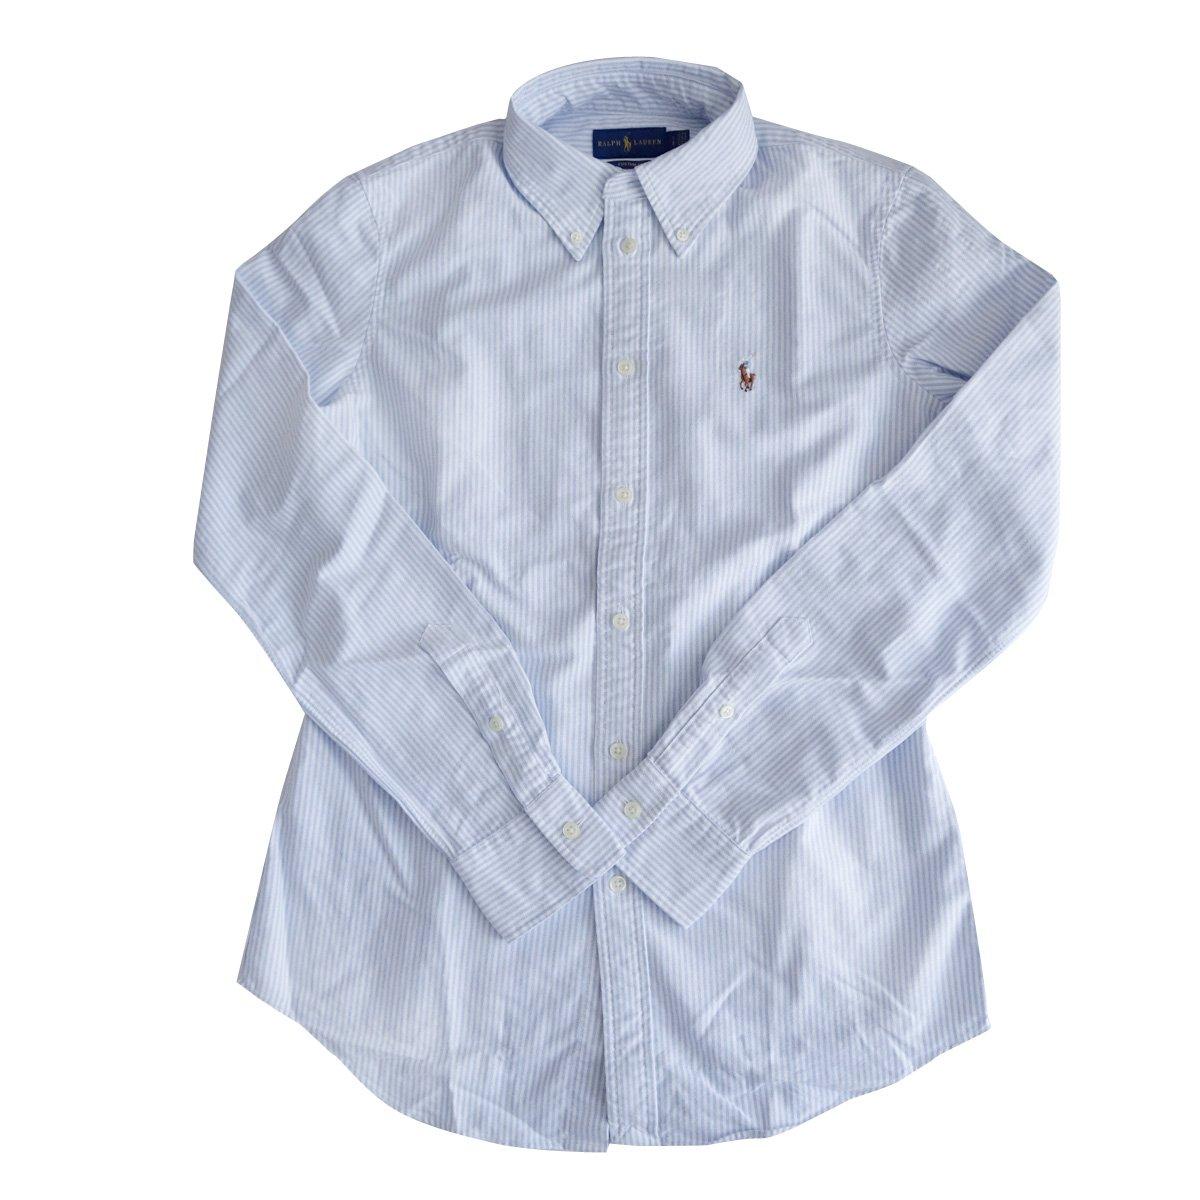 (ポロ ラルフローレン) POLO Ralph Lauren 長袖 シャツ ワンポイント ワイシャツ レディース オックスフォード [並行輸入品] B07BQXHJHM S|ライトブルー/ホワイト ライトブルー/ホワイト S